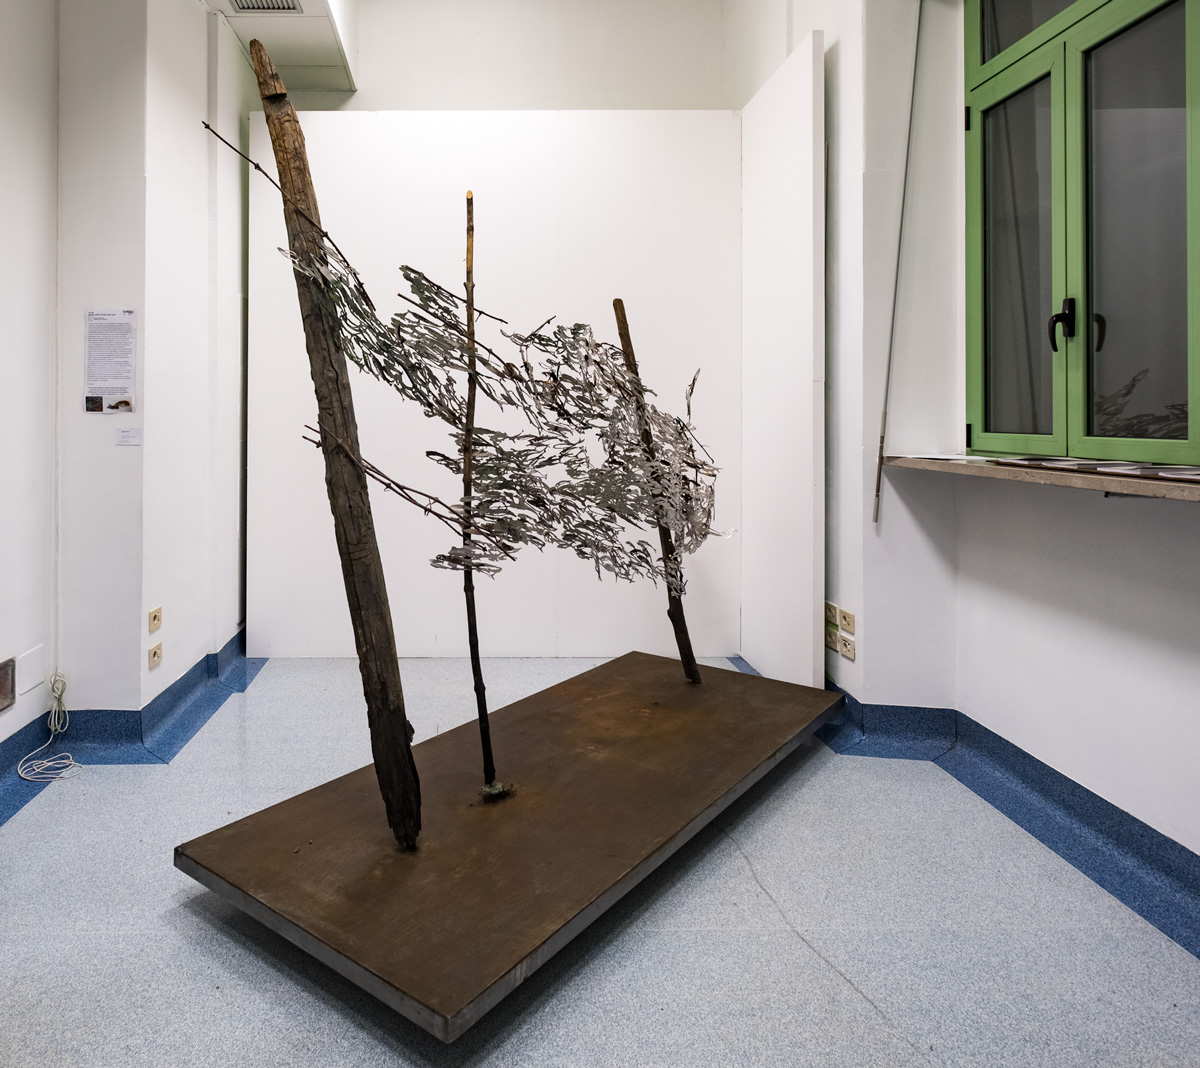 ATTRAVERSO, scultura (foto di Nicola Dell'Aquila)